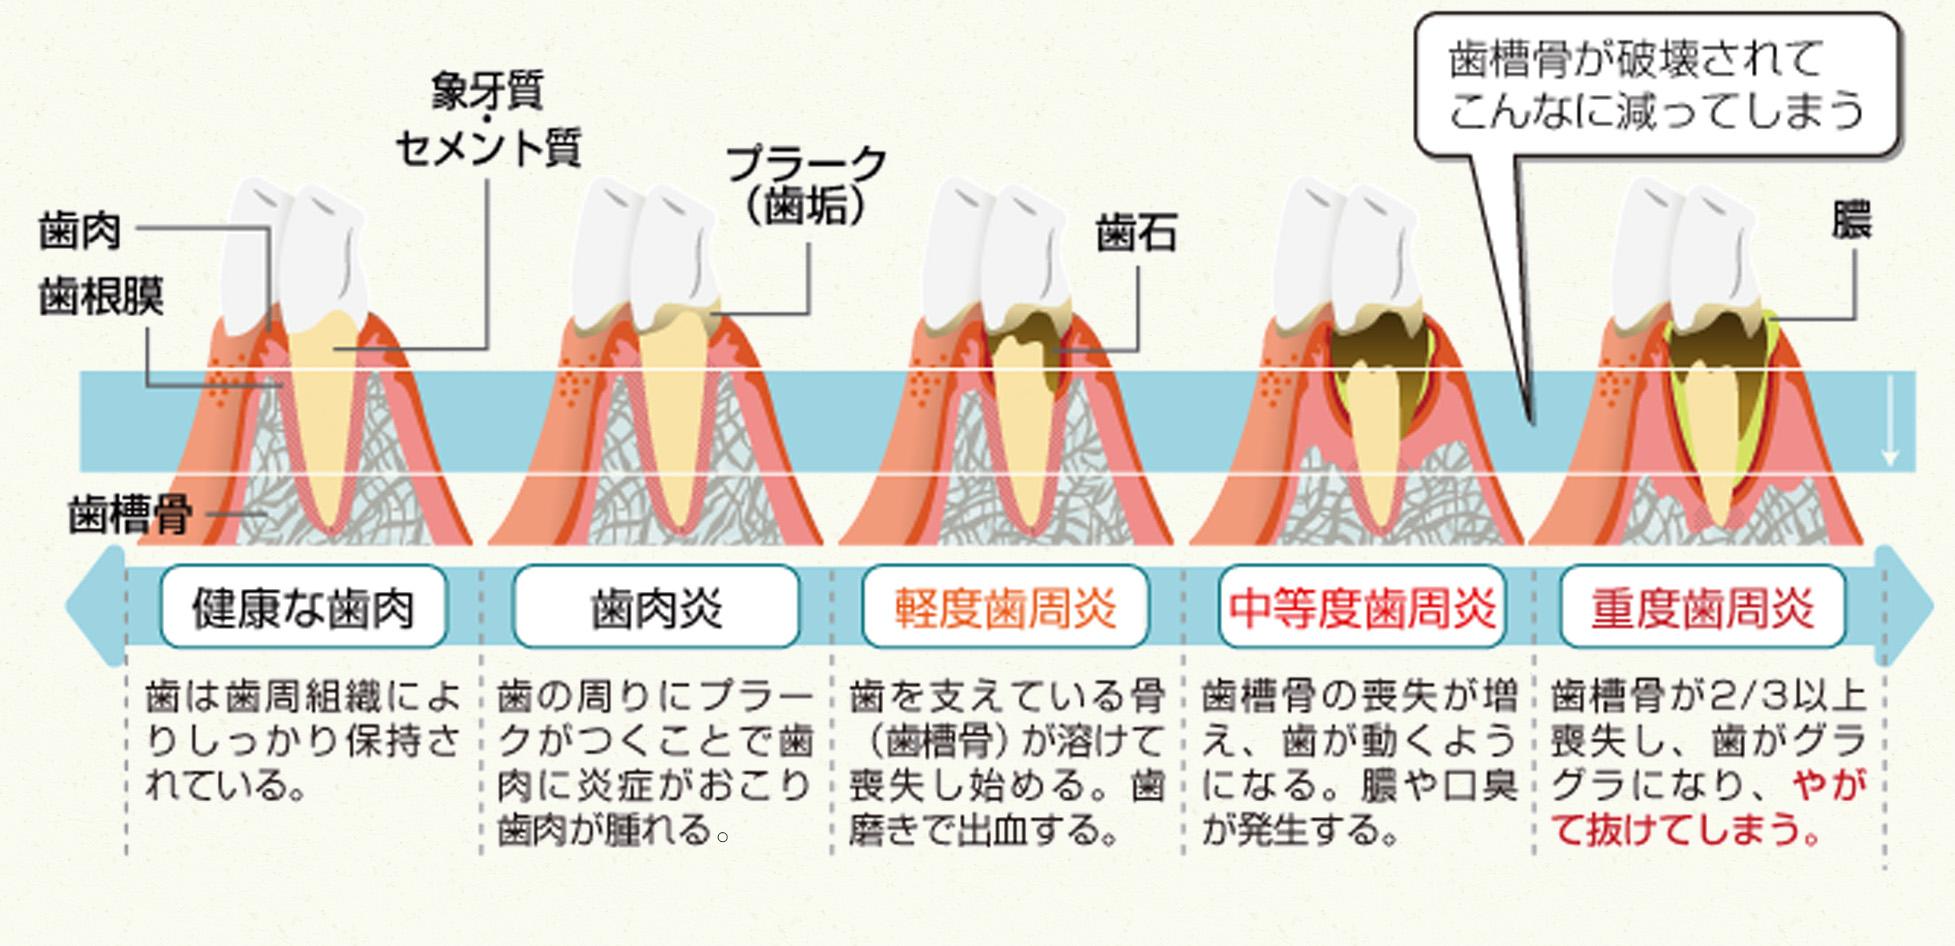 歯周病の進行の様子